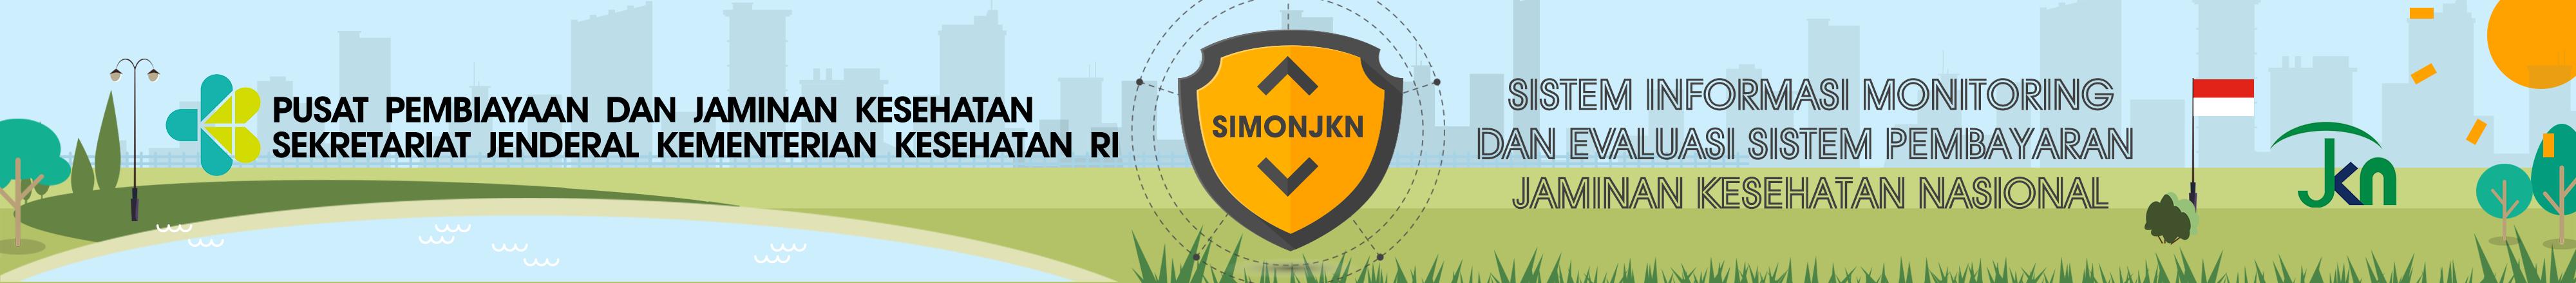 SIMON-JKN